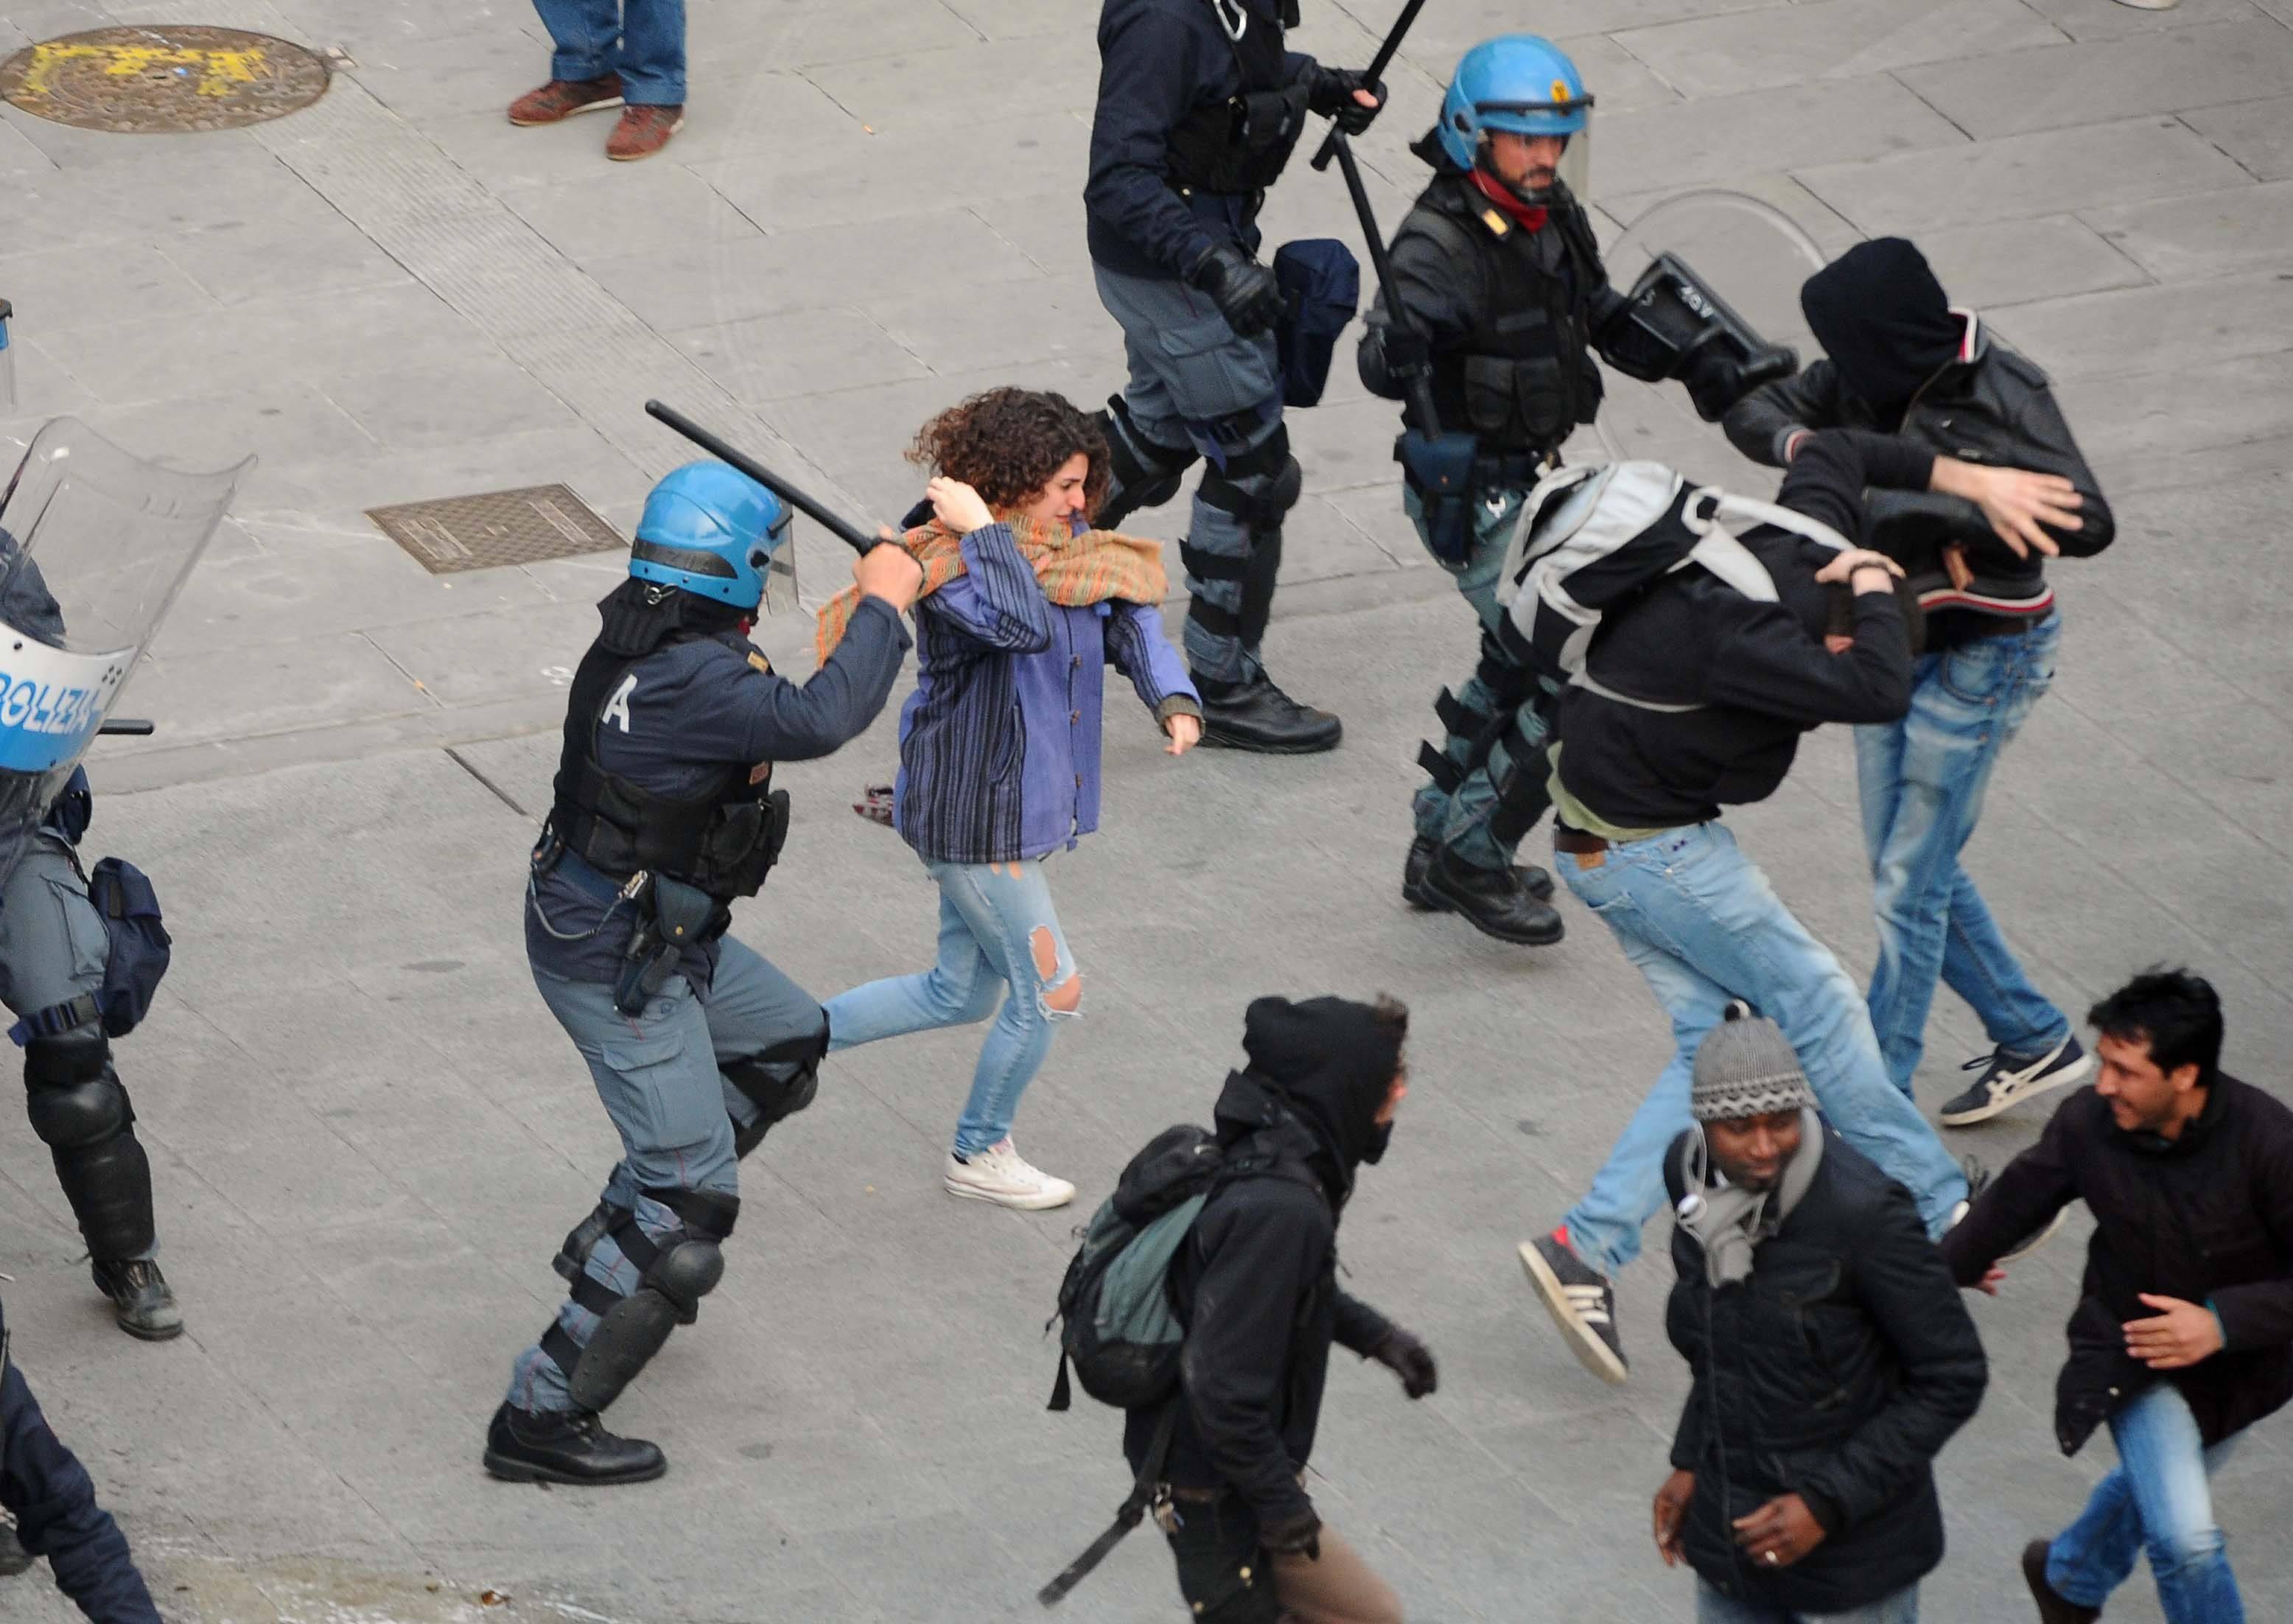 Protesta migranti e antagonisti scontri con la polizia - Corriere.it